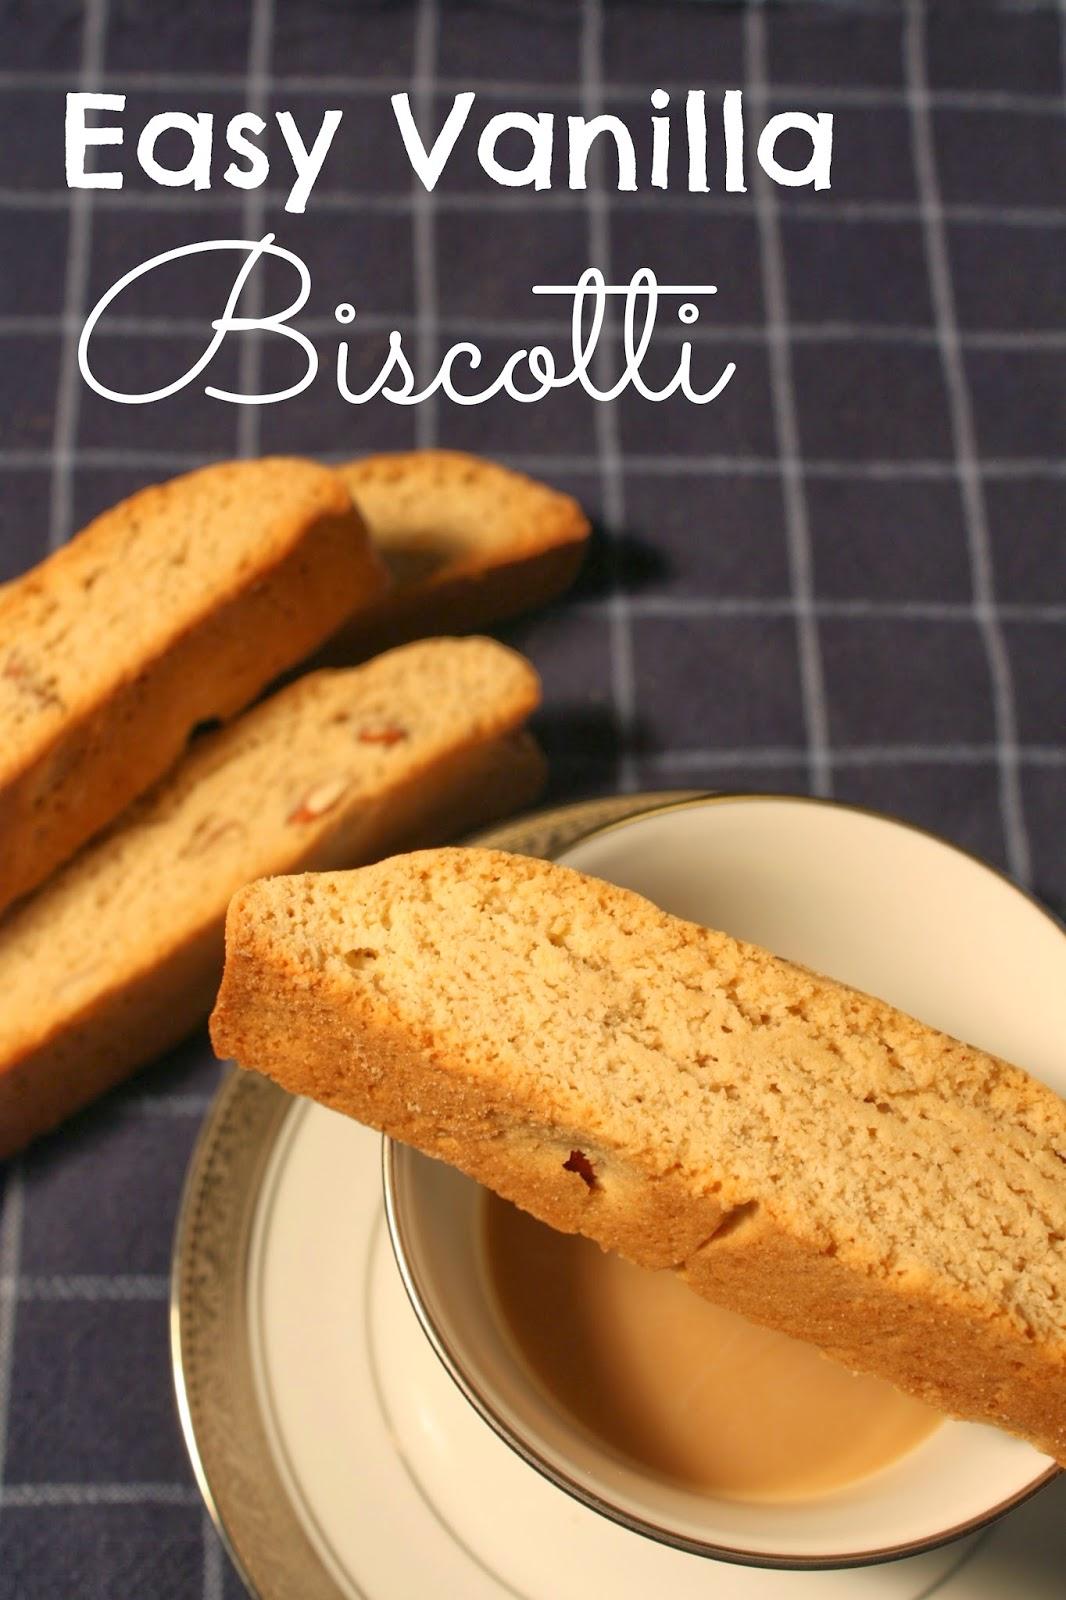 Easy Vanilla Biscotti